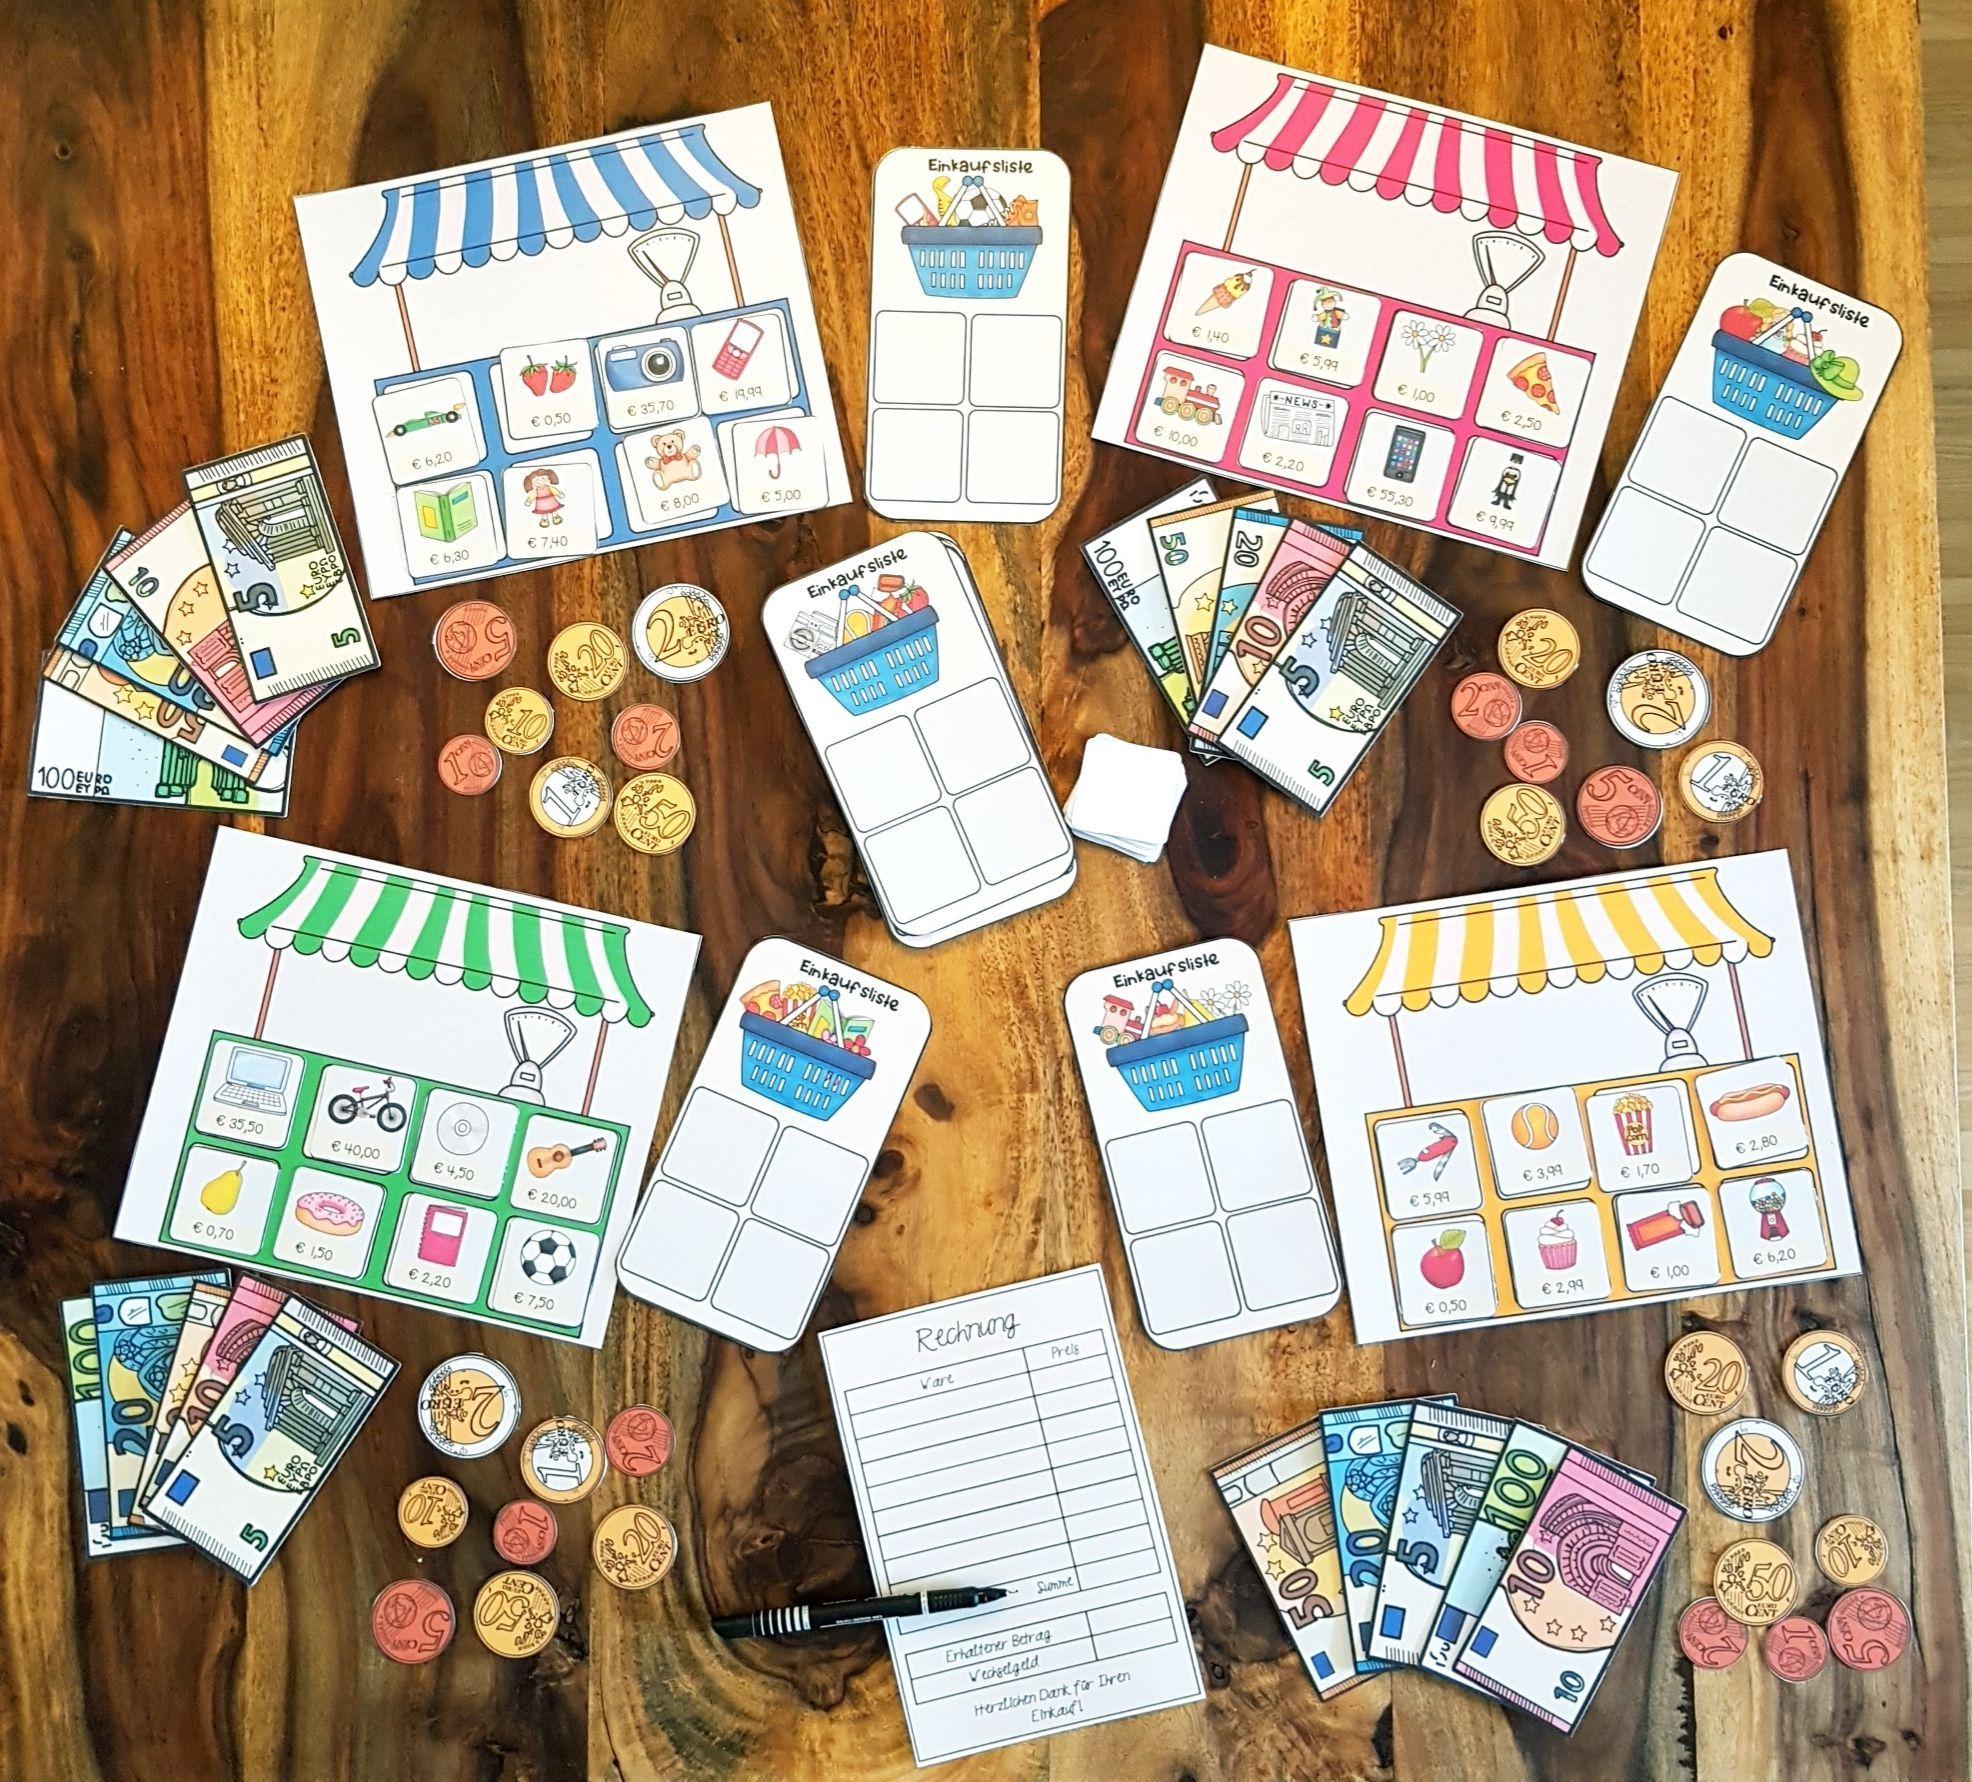 Spiele zum kennenlernen im daf-unterricht